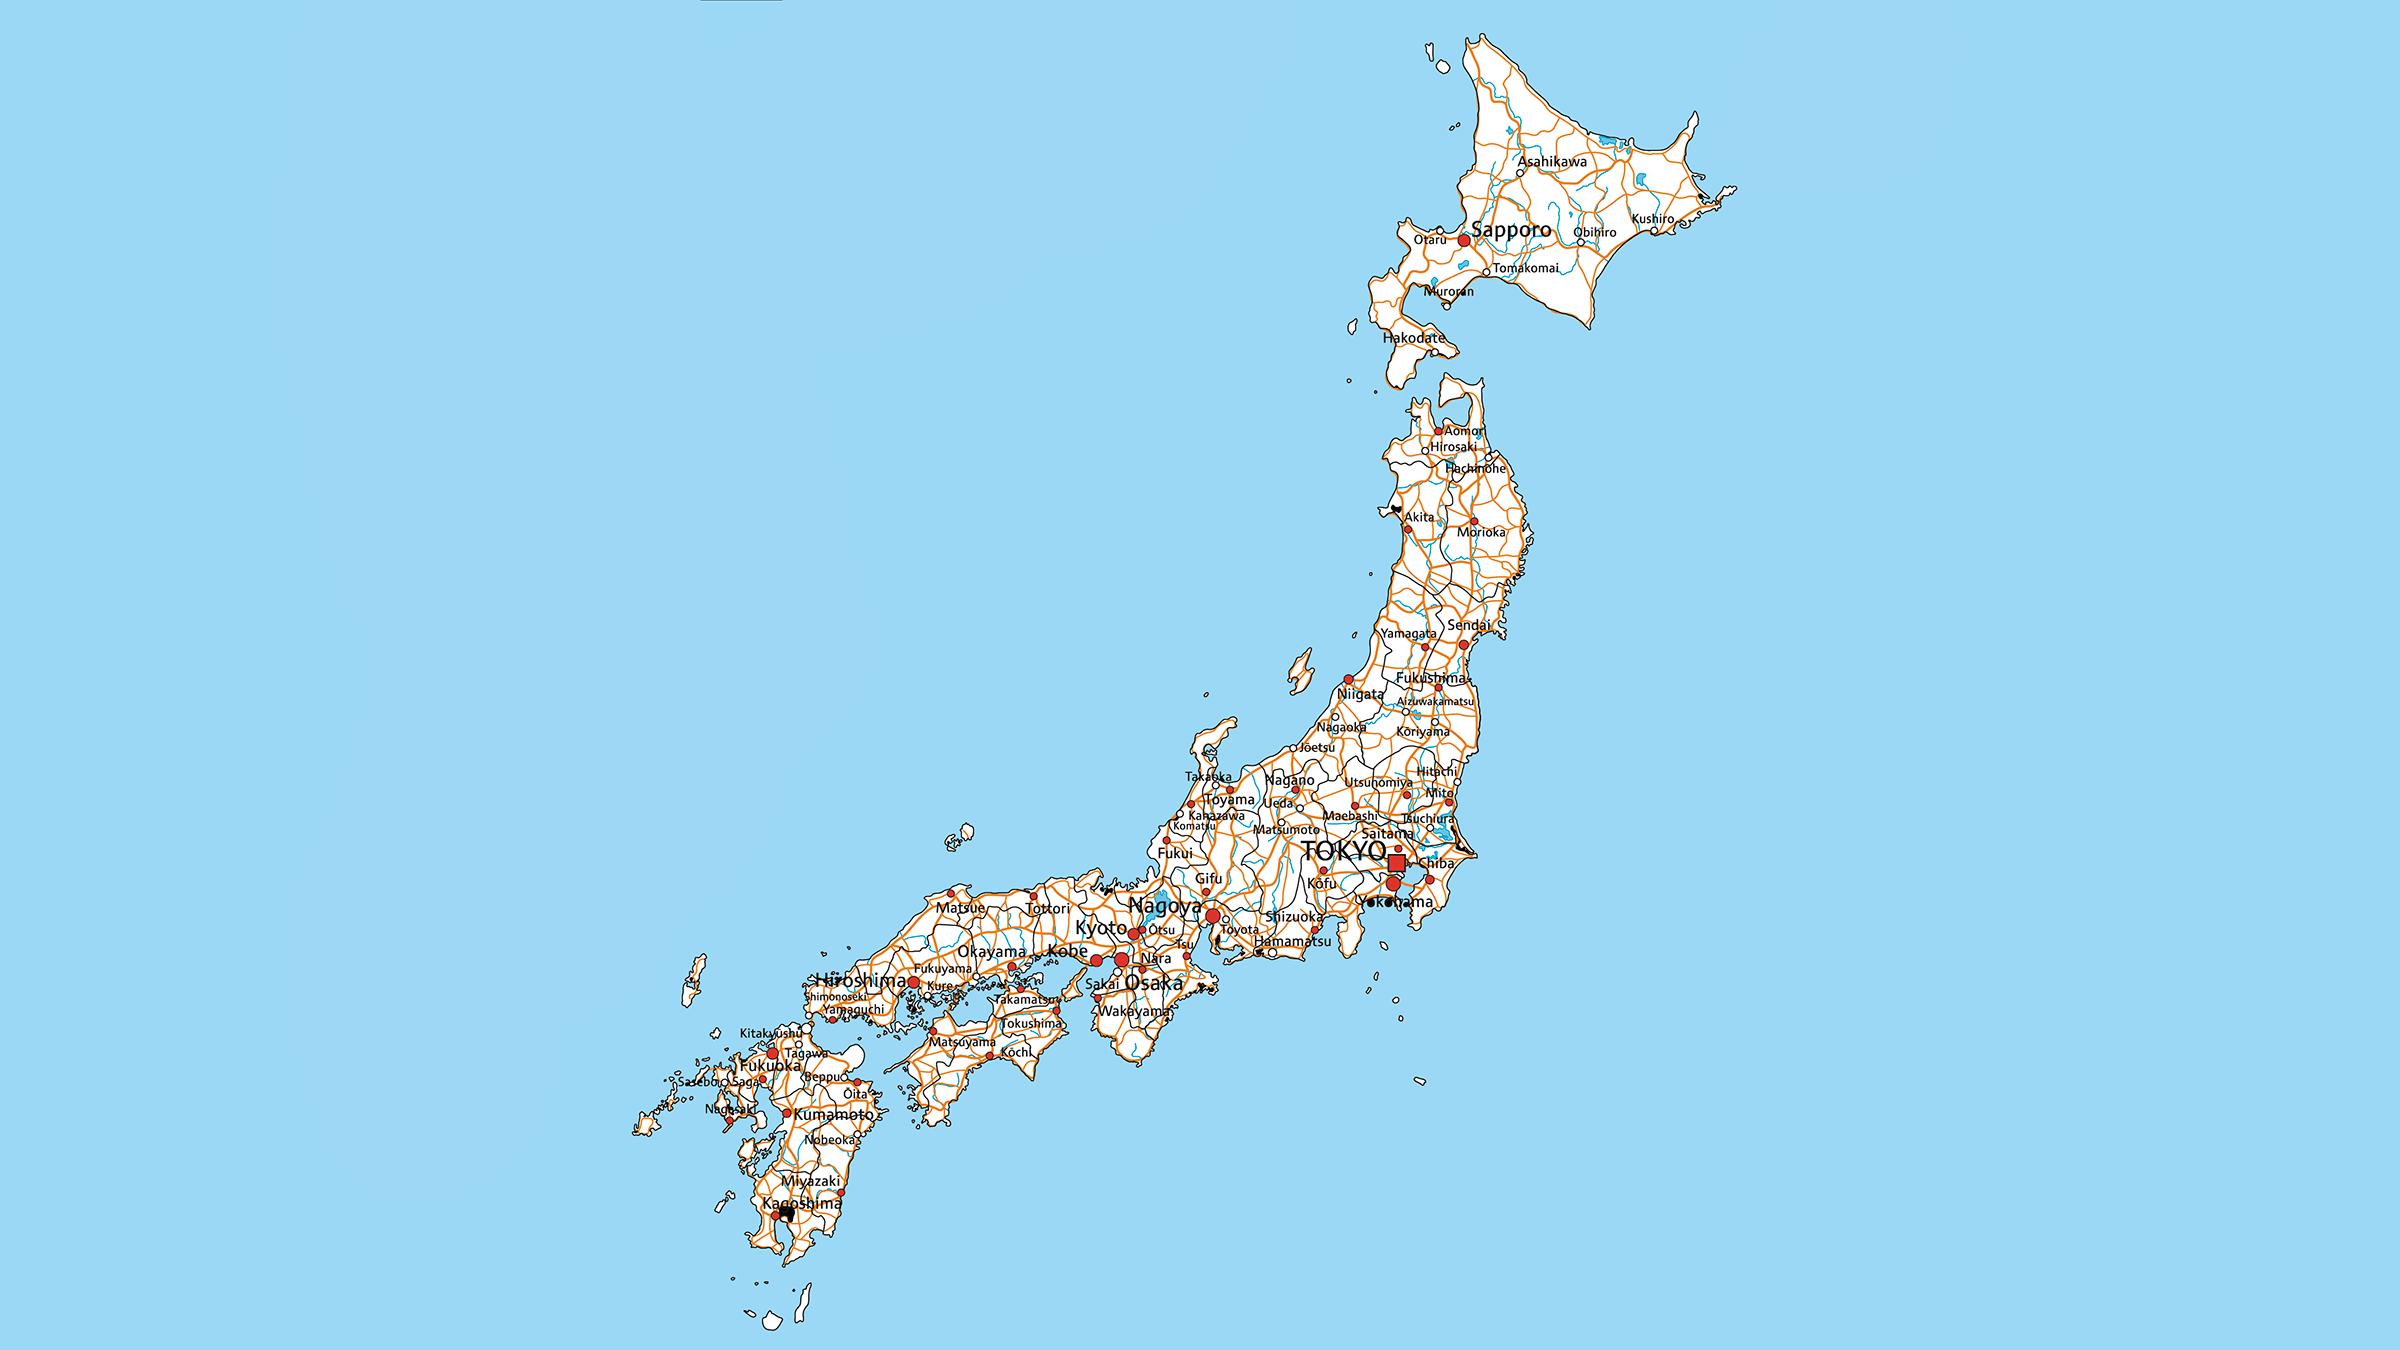 Mapa de carreteras de Japón